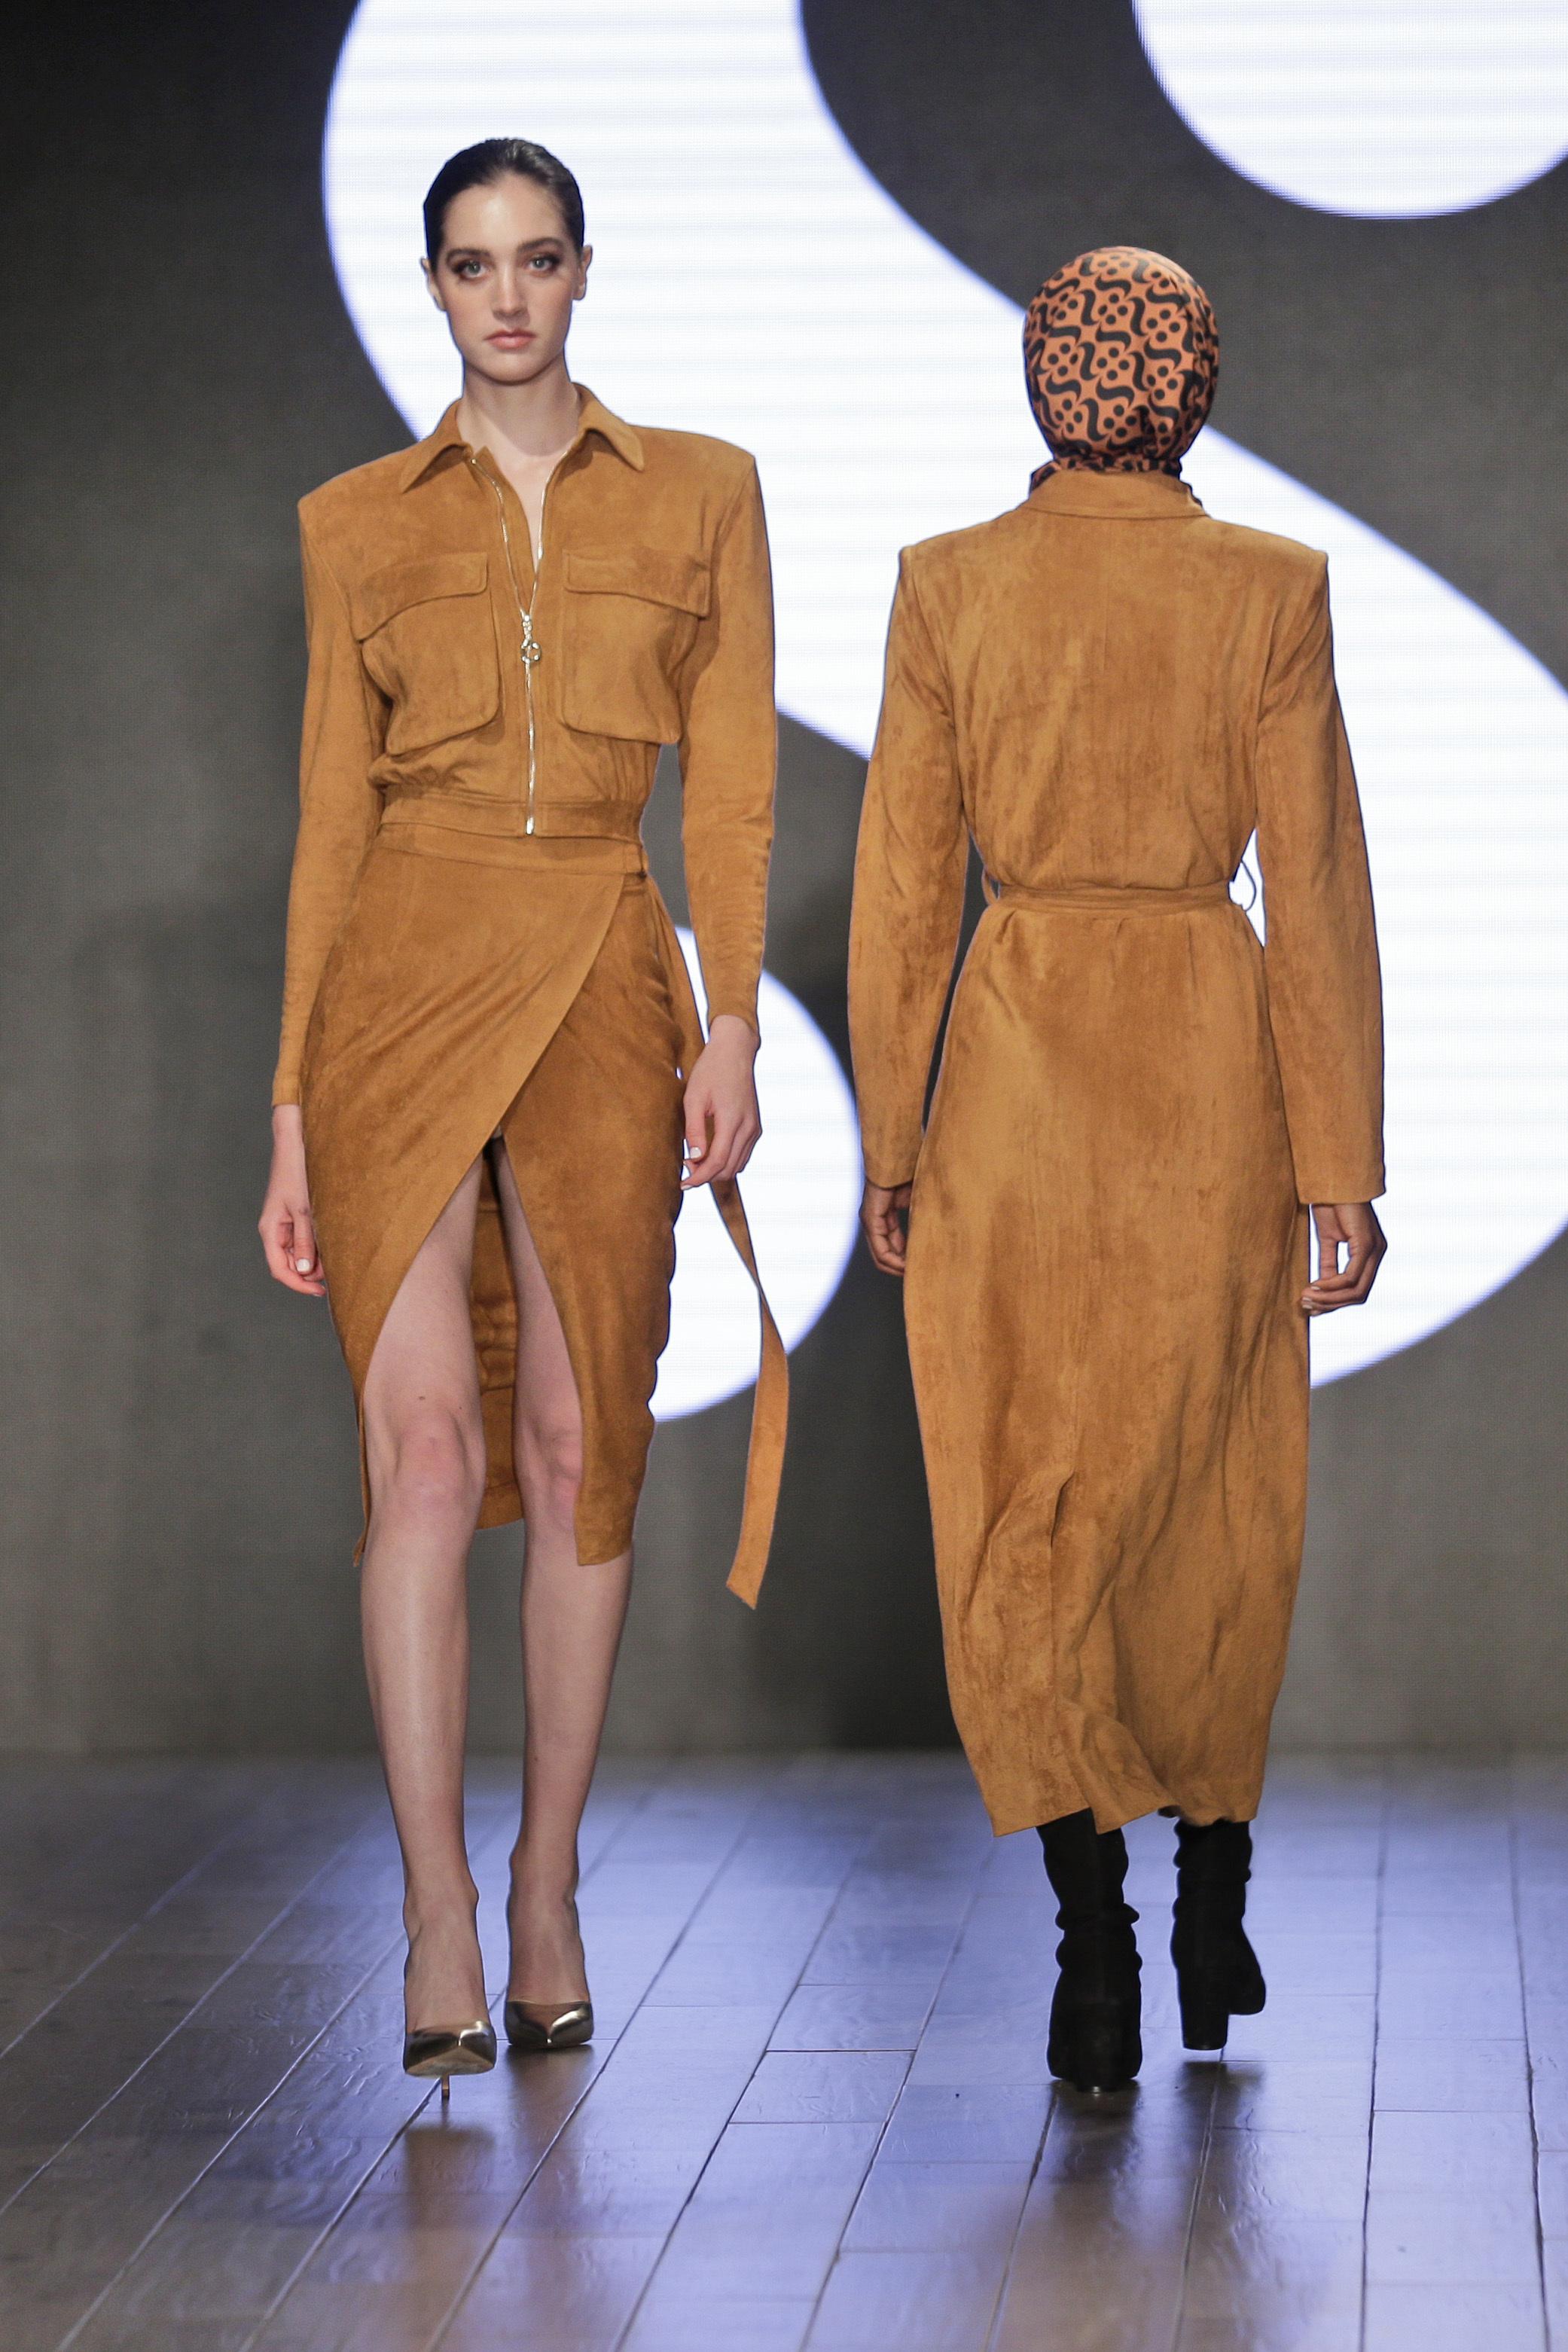 Parte de la colección de Serena Williams presentada en la Semana de la Moda de Nueva York. (AP)